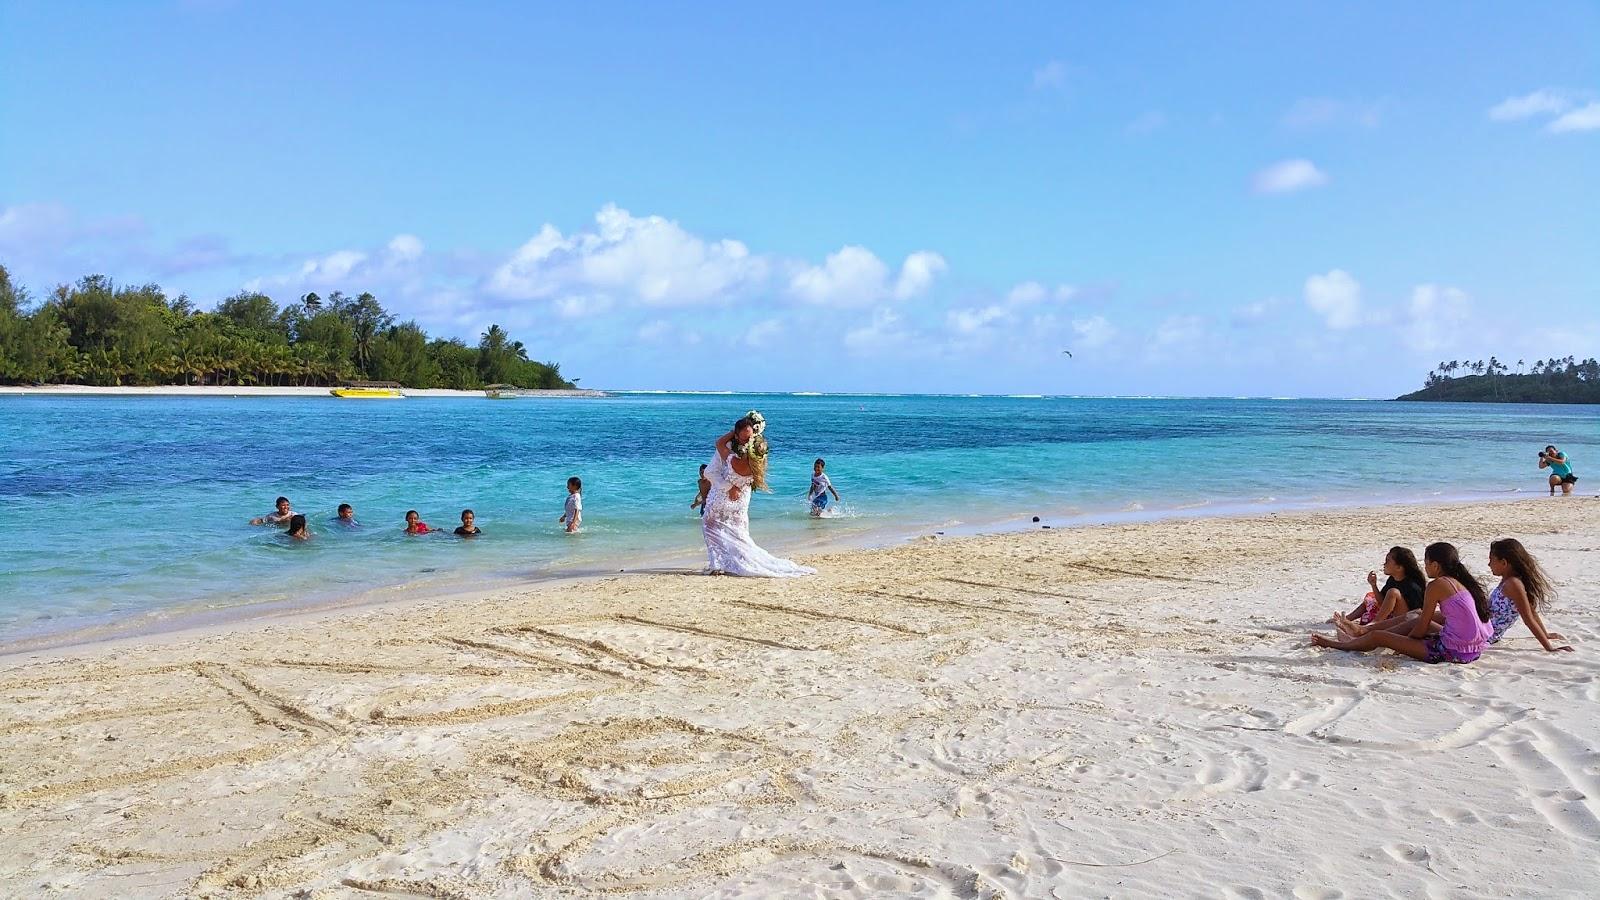 Sogni che si realizzano alle Isole Cook - foto Elisa Chisana Hoshi